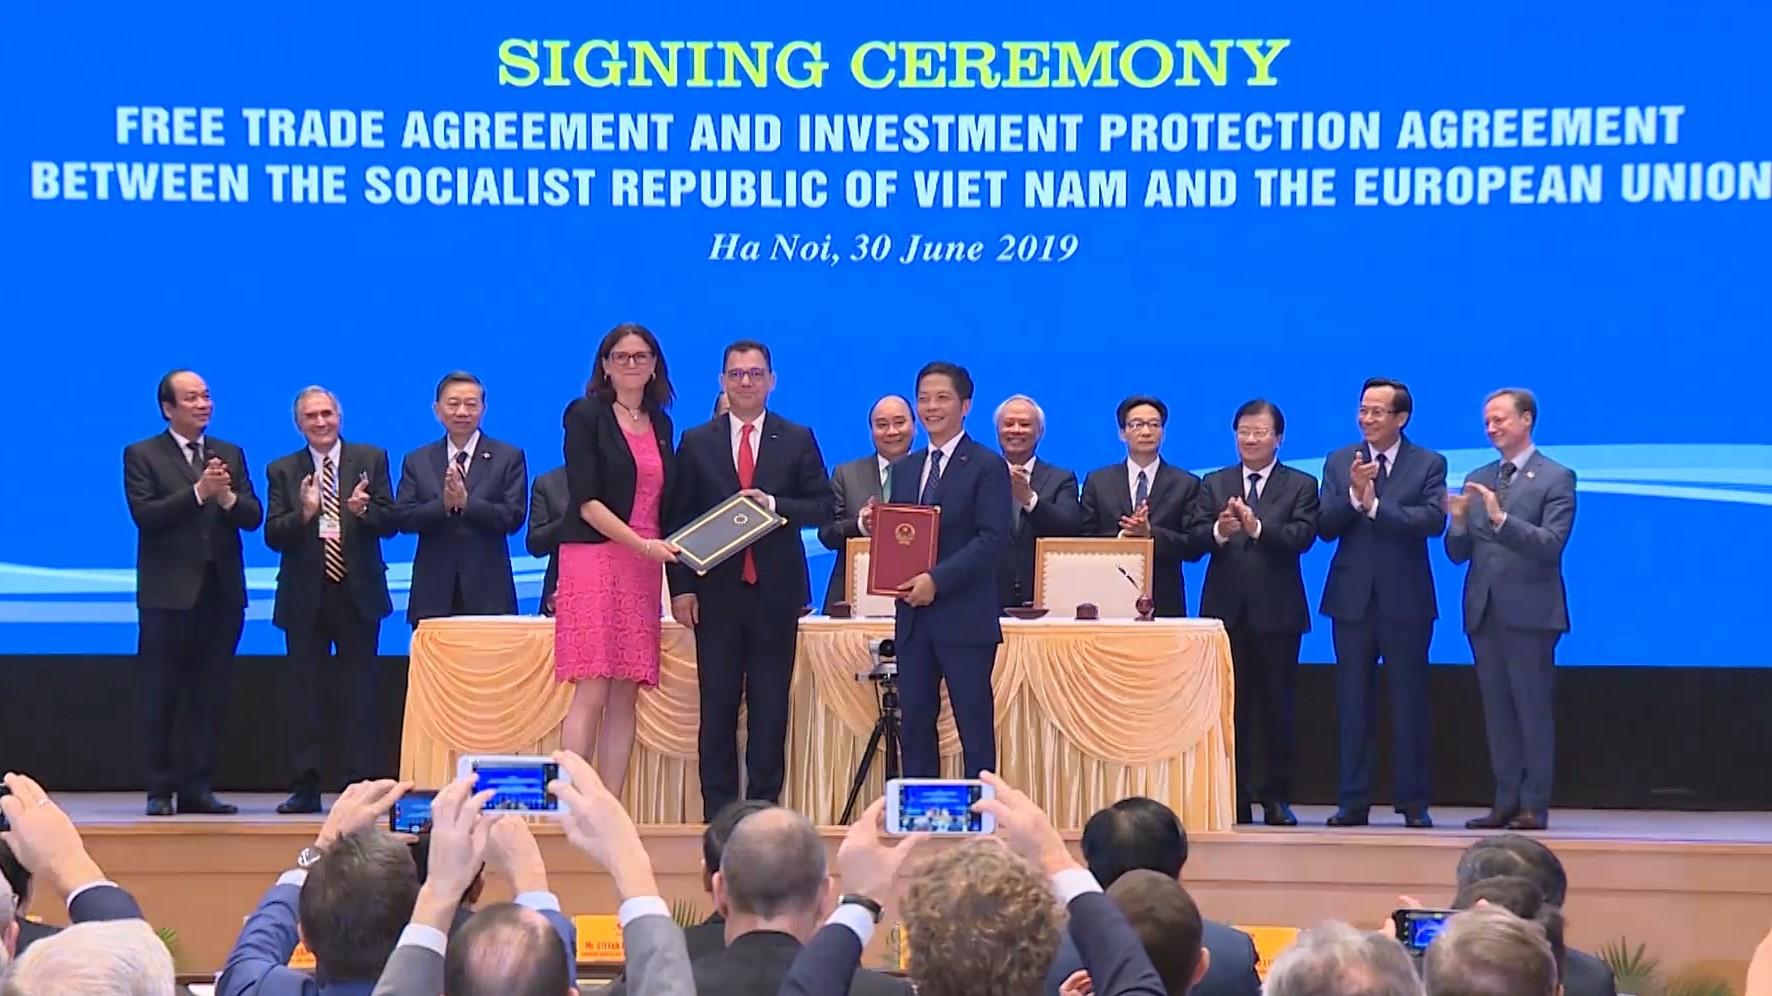 Thủ tướng: Hiệp định Thương mại Việt Nam- EU như đường cao tốc hiện đại